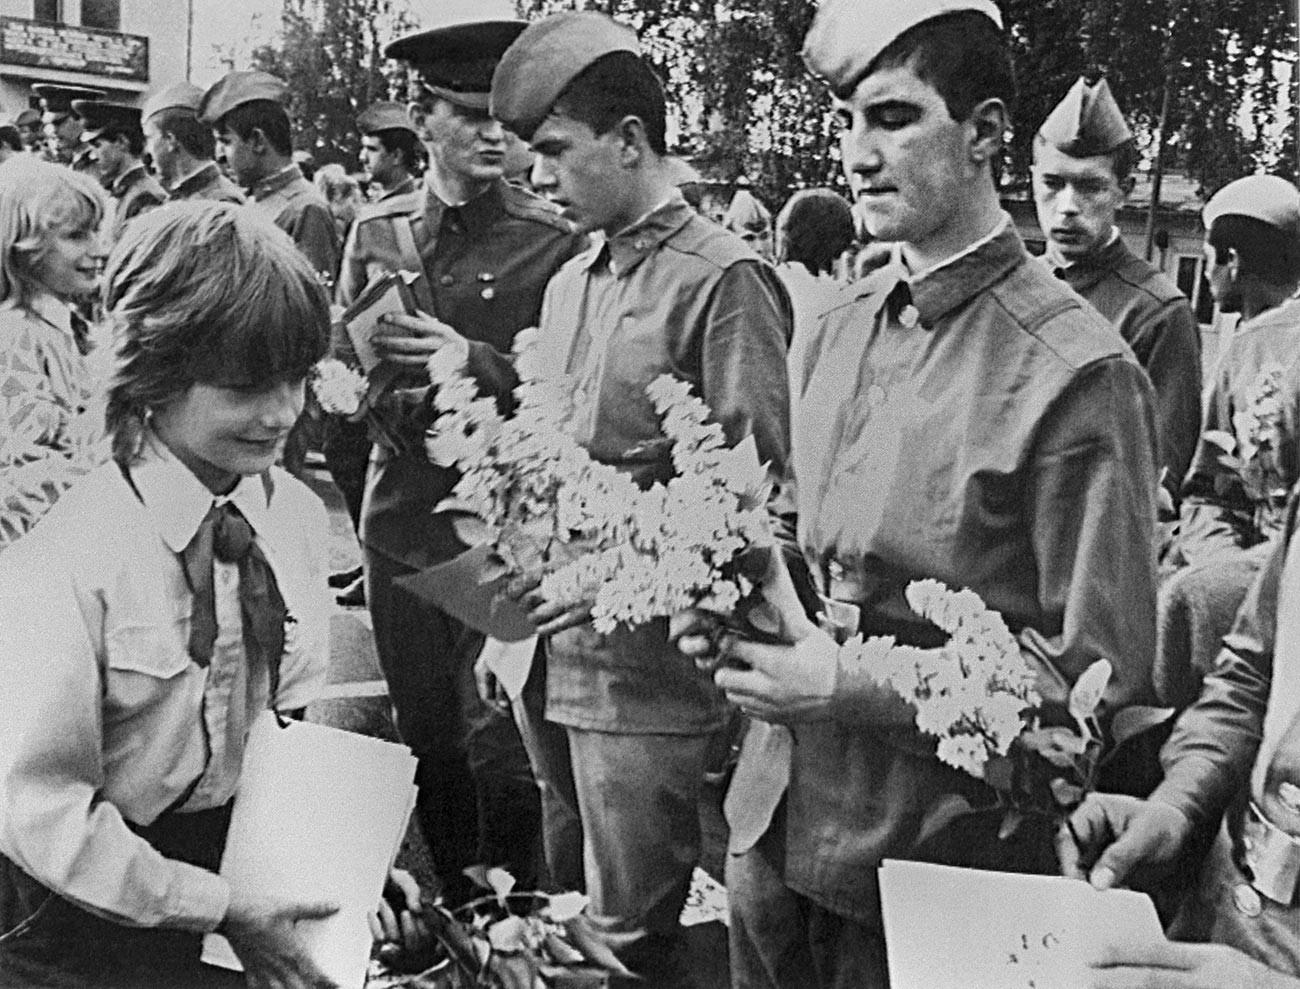 Umik sovjetskih čet iz Češkoslovaške, 1989. Pionirji lokalne šole se toplo poslavljajo od sovjetskih vojakov.